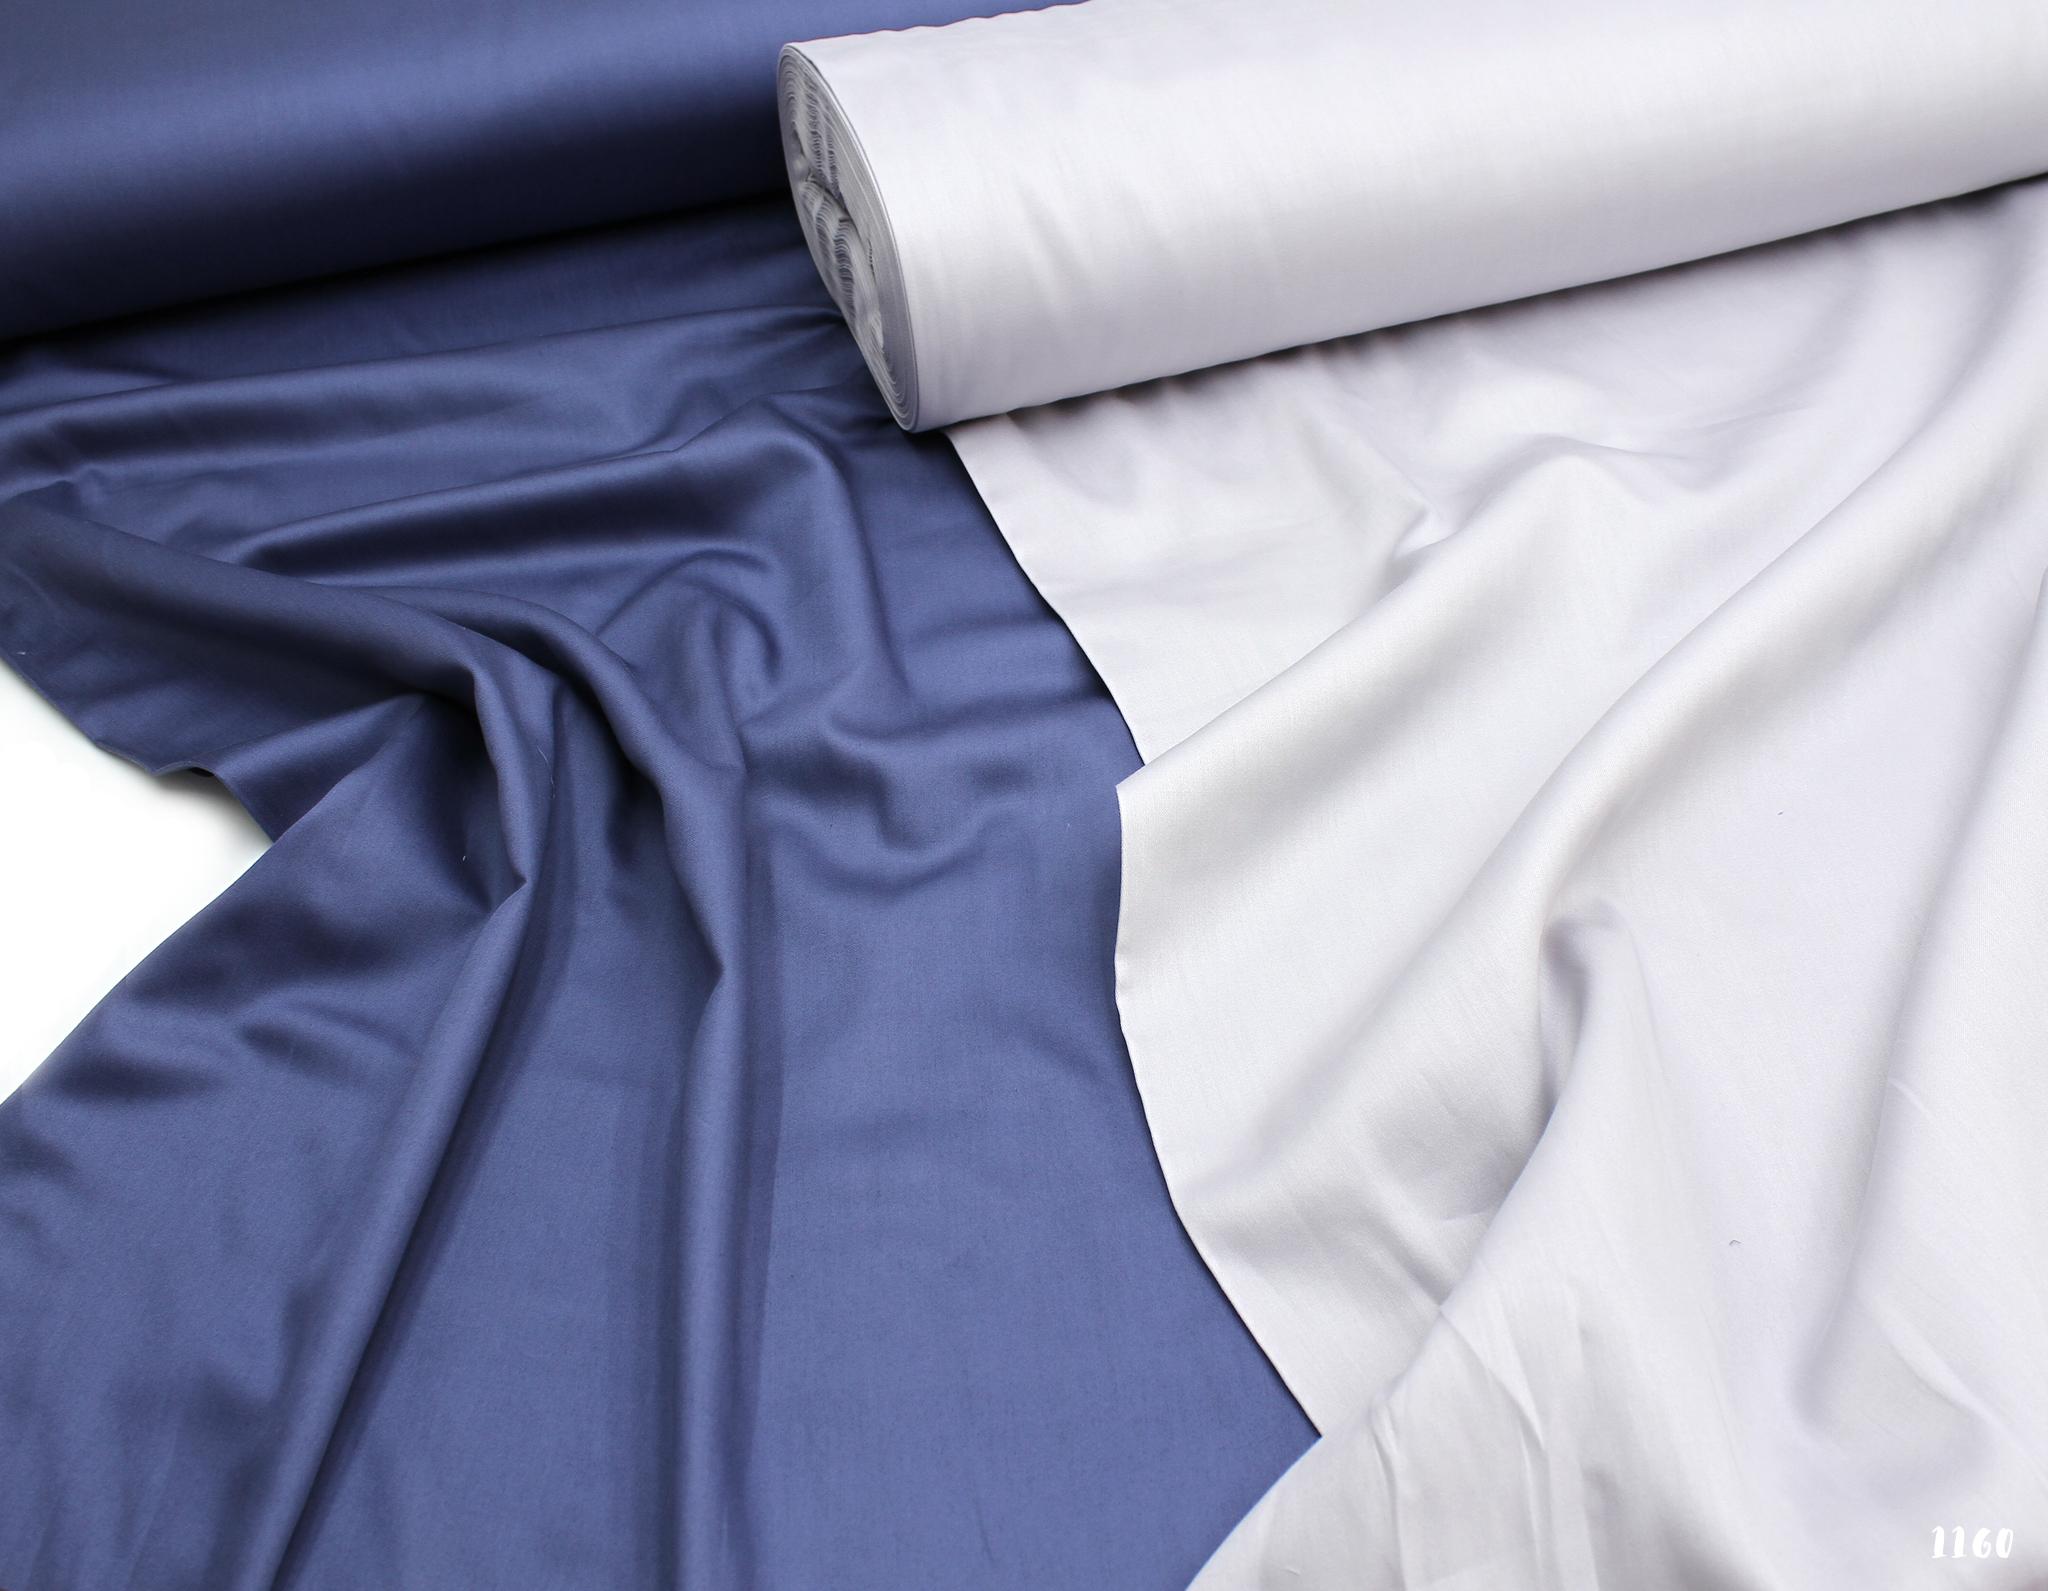 Пыльно-синий (сатин класса люкс, Турция),240 см